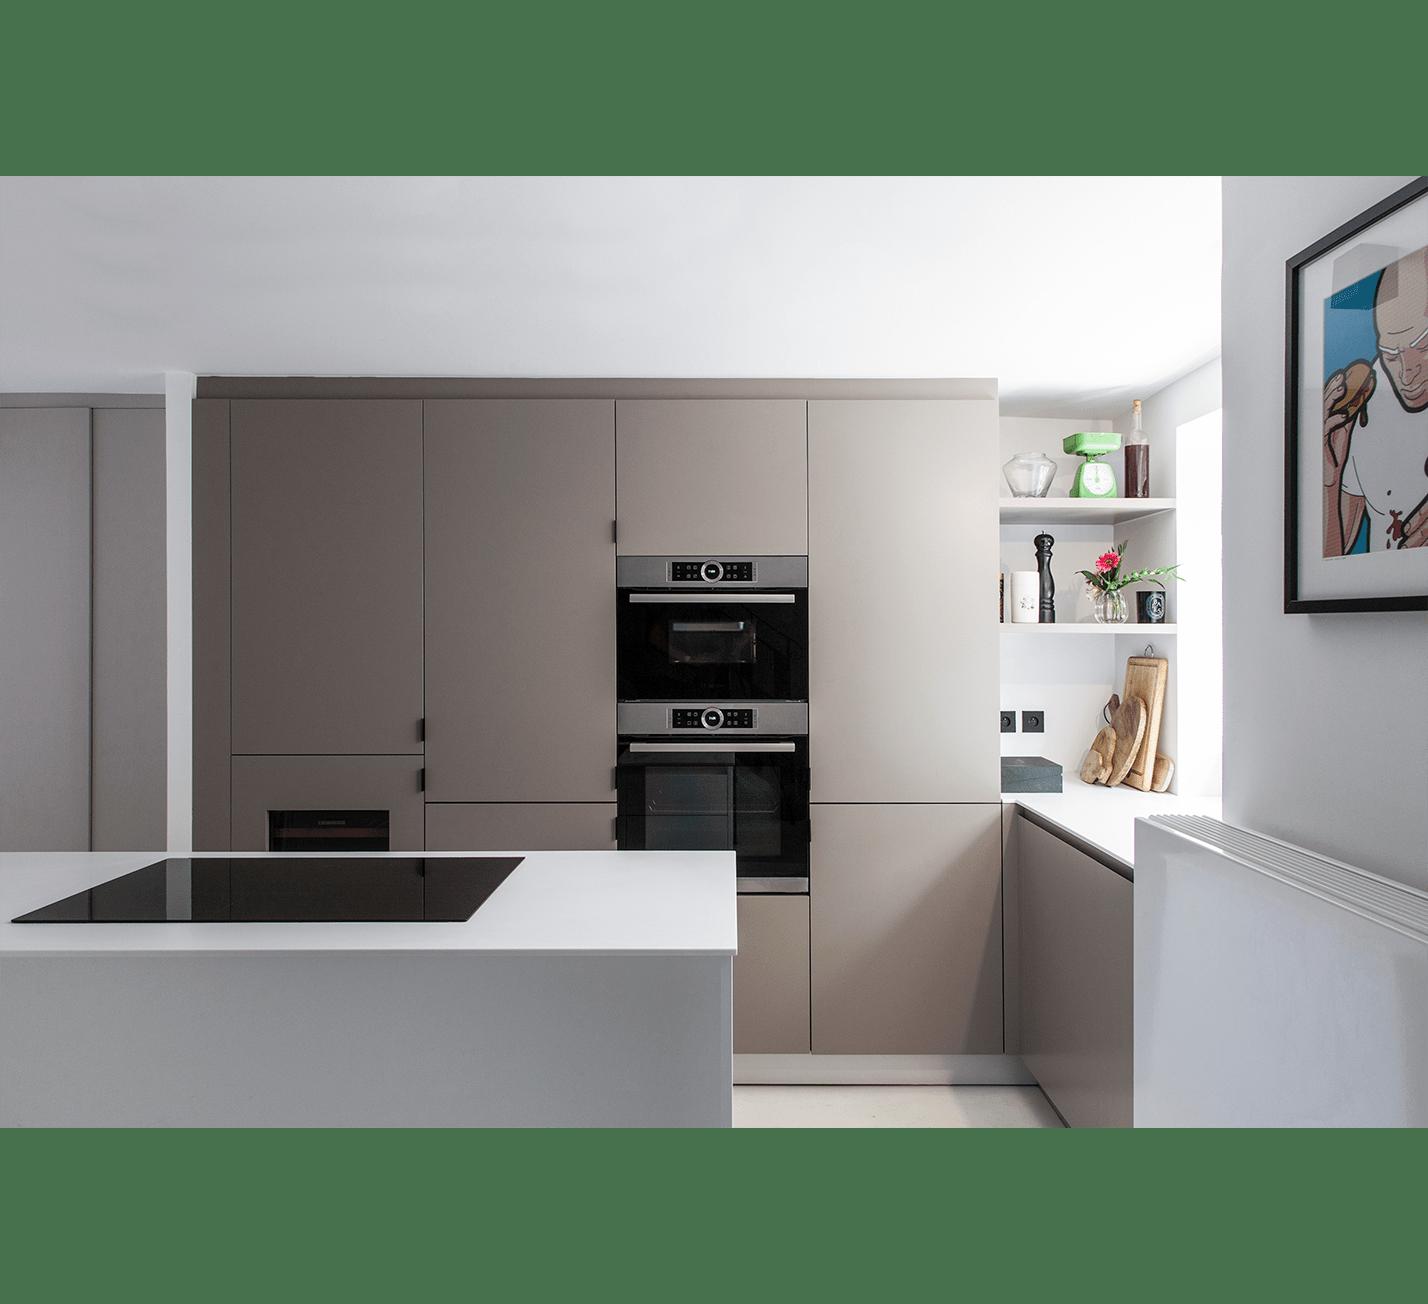 Projet-Square-Chaure-Atelier-Steve-Pauline-Borgia-Architecture-interieur-03-min